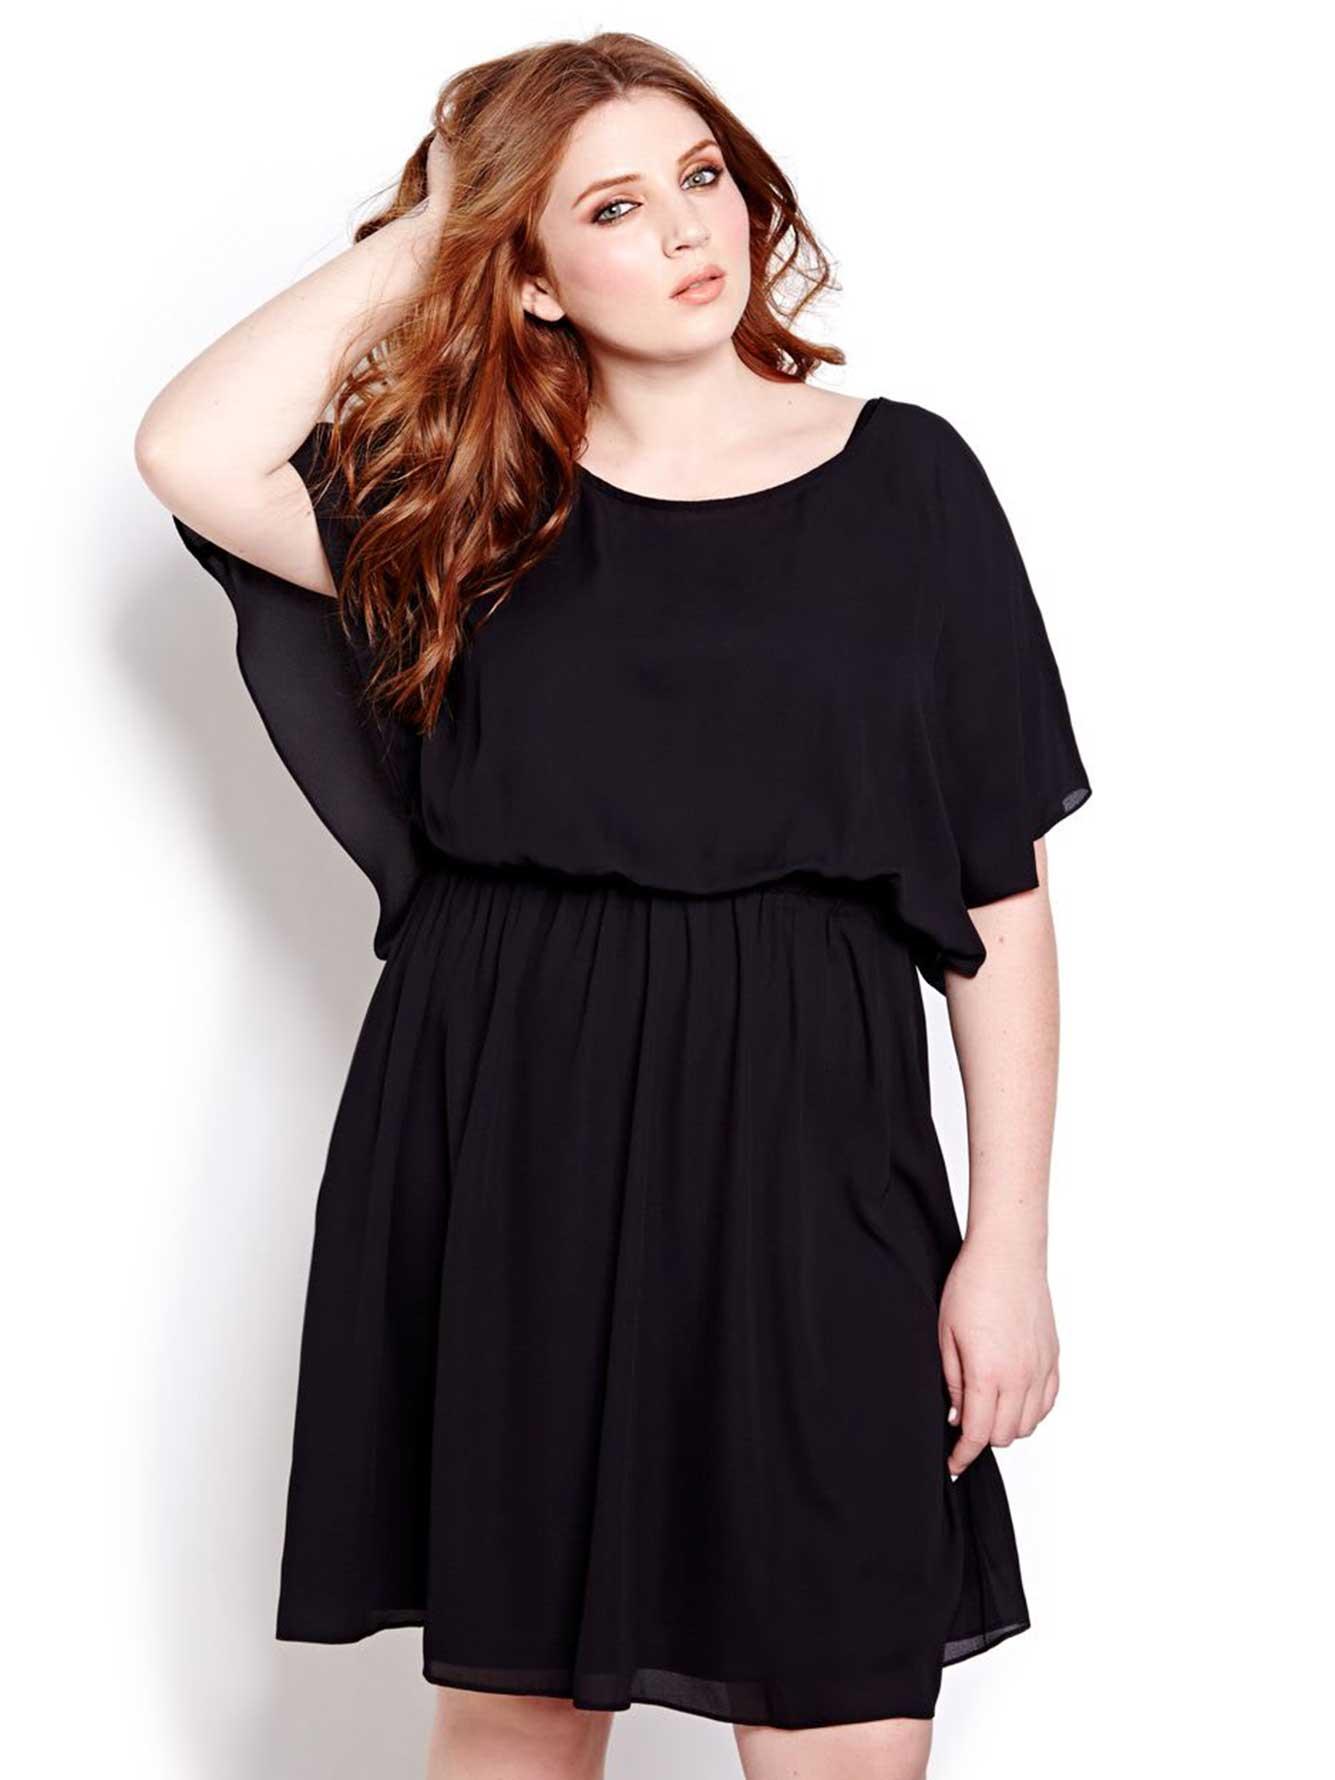 Black dress elle - Fancy Back Chiffon Dress